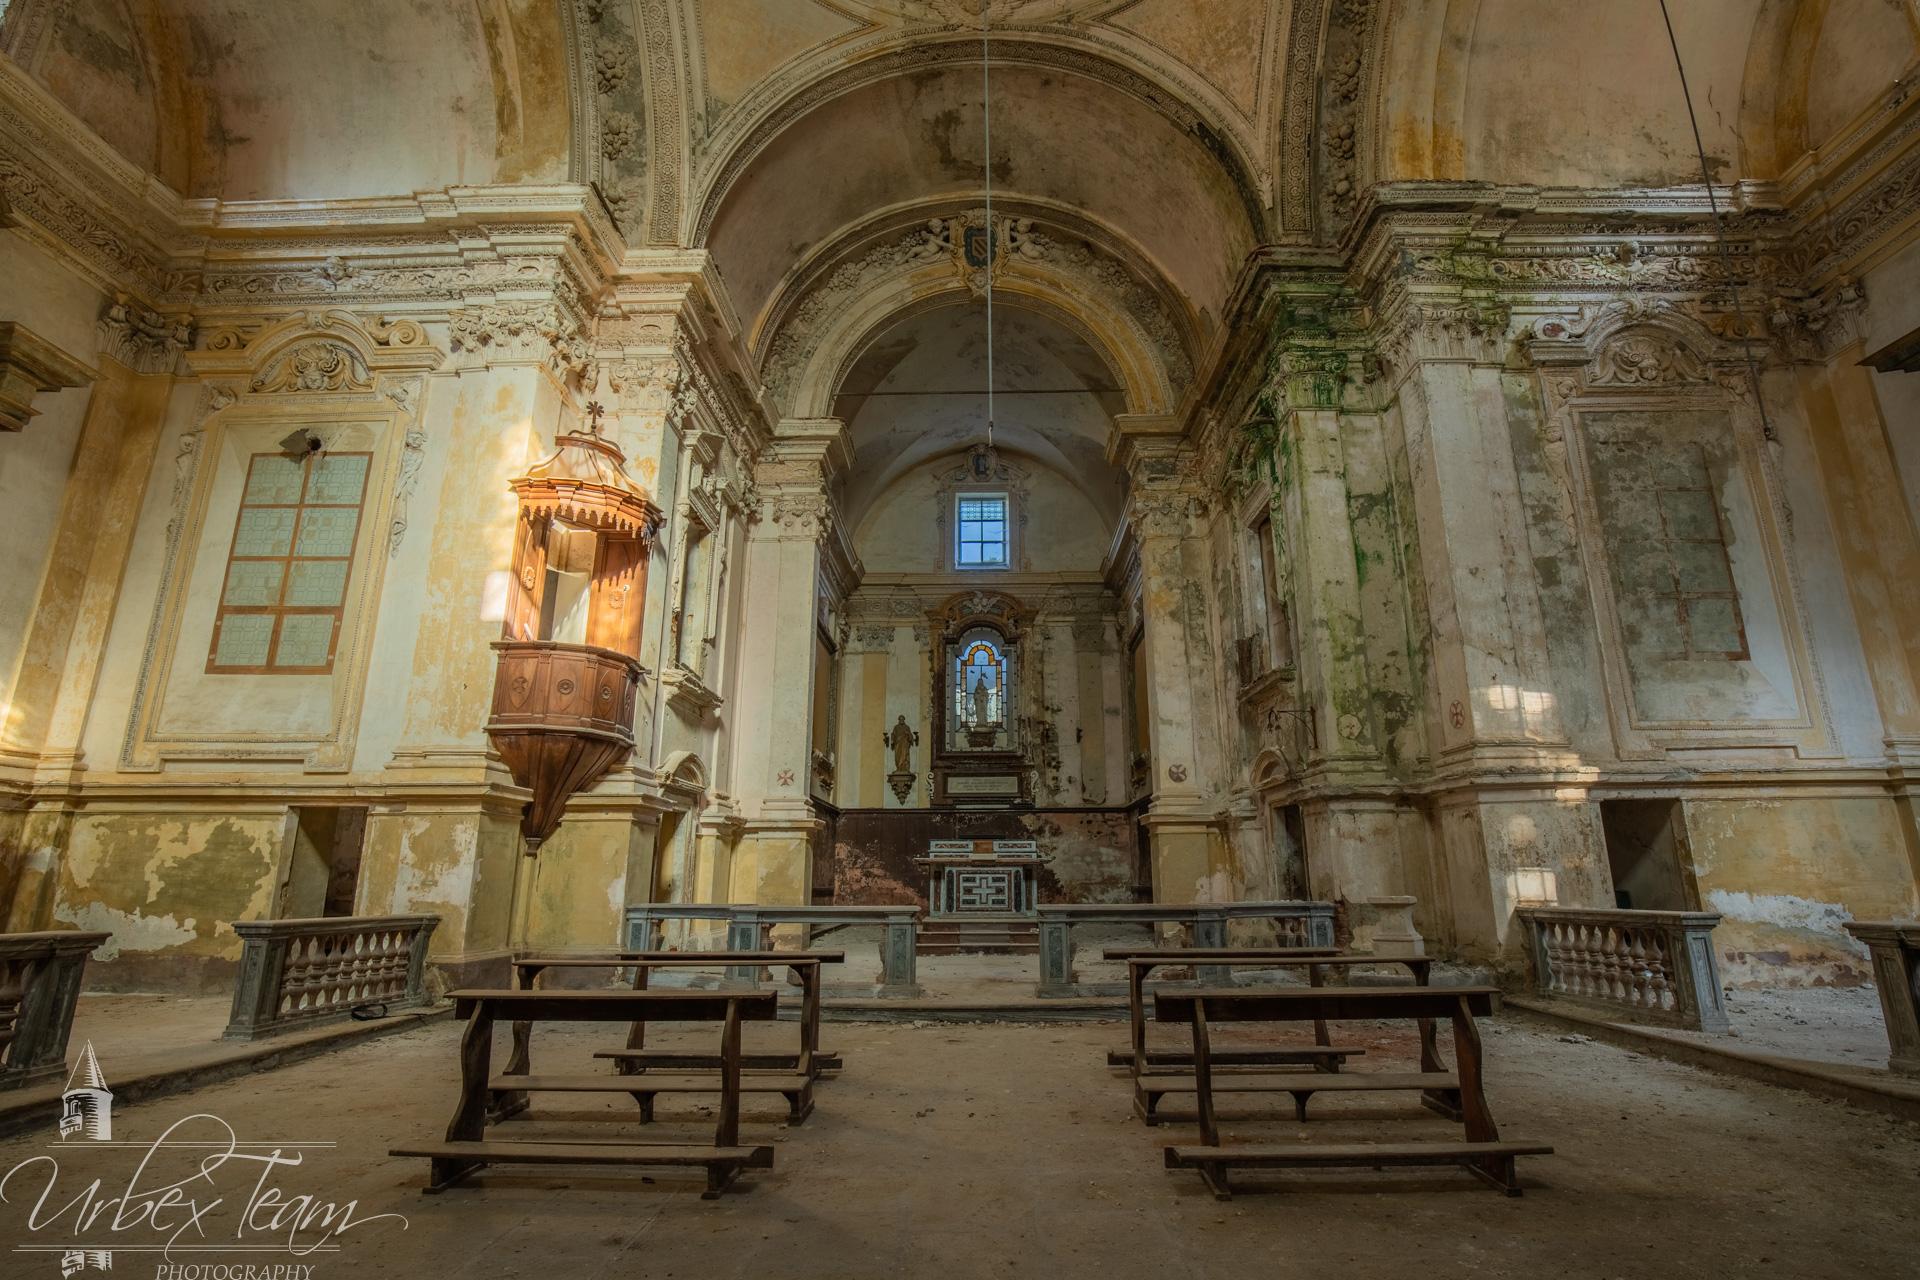 Chiesa Santa Rita